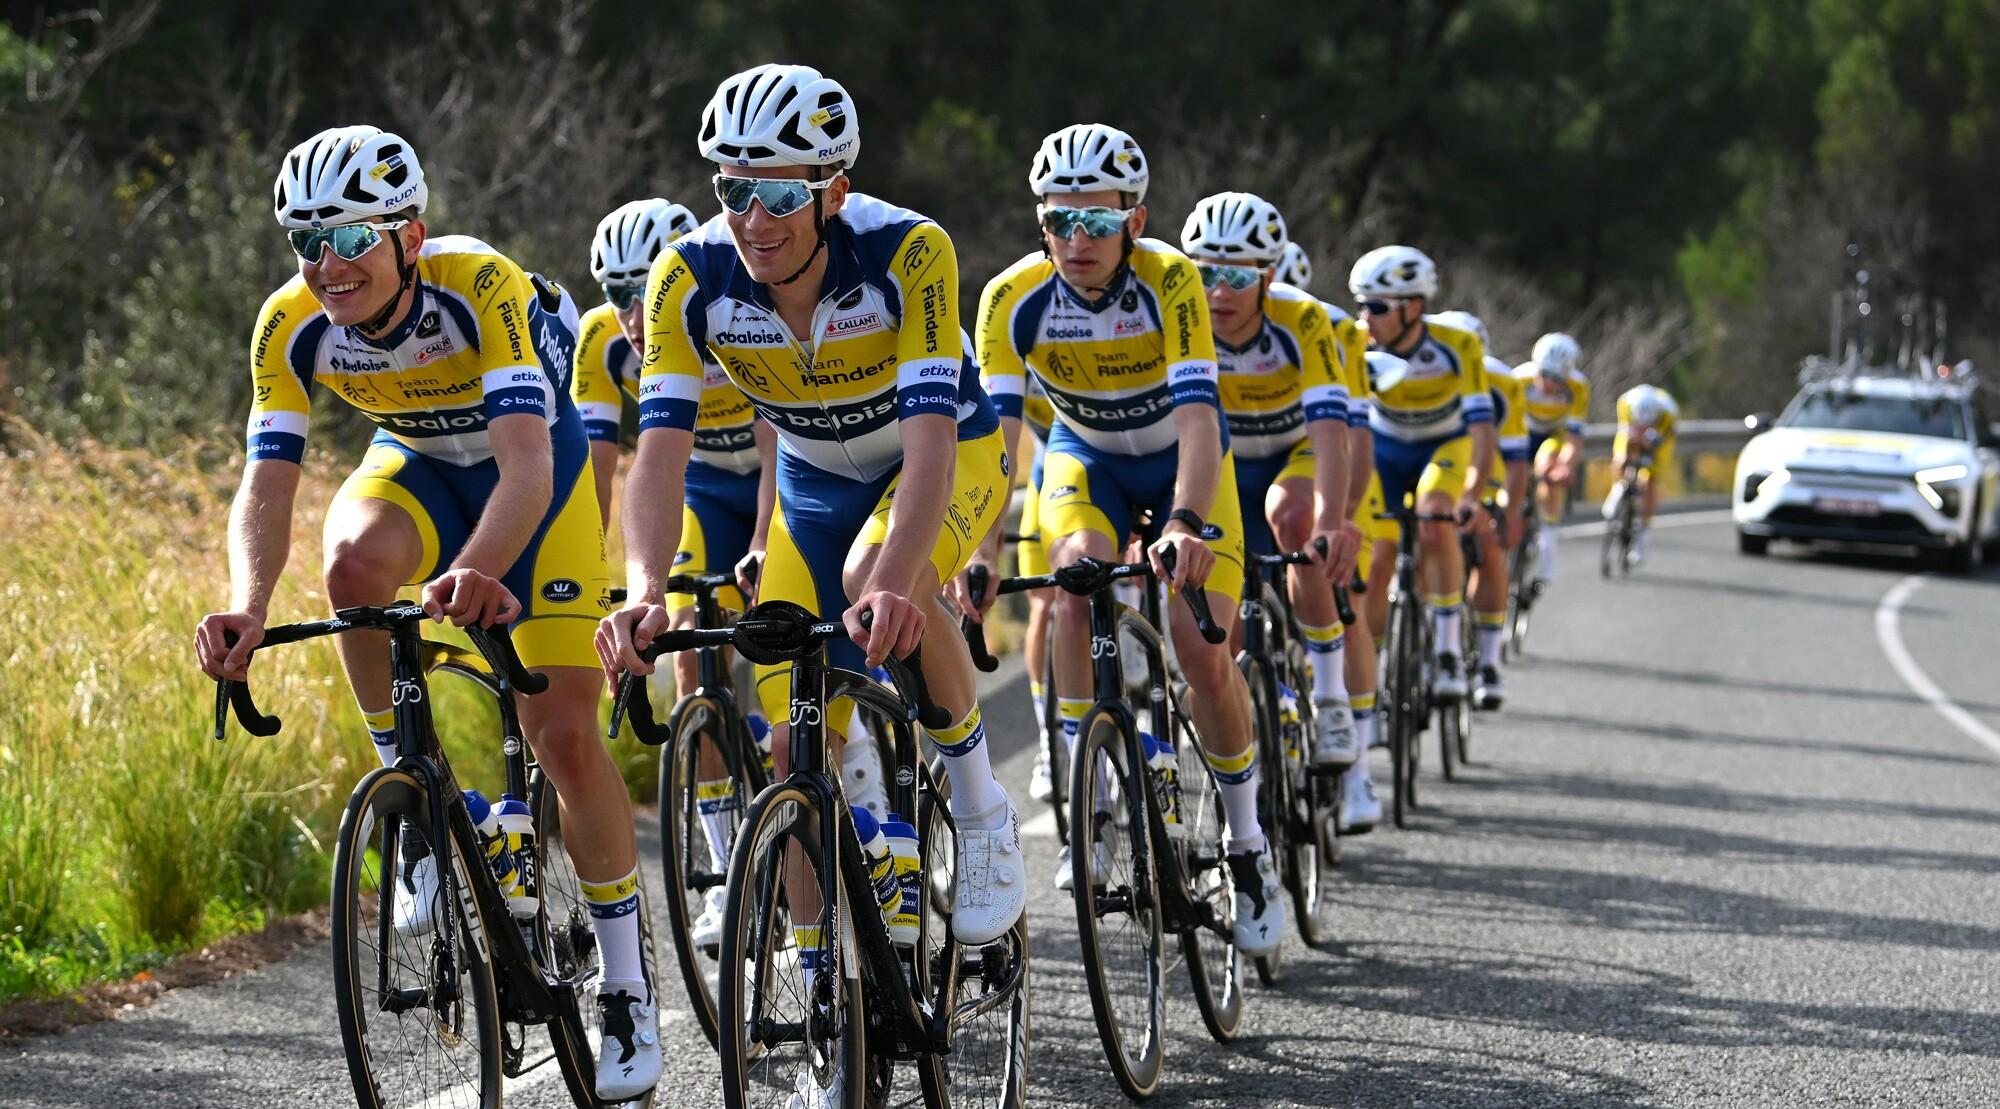 Sport Vlaanderen - Baloise image